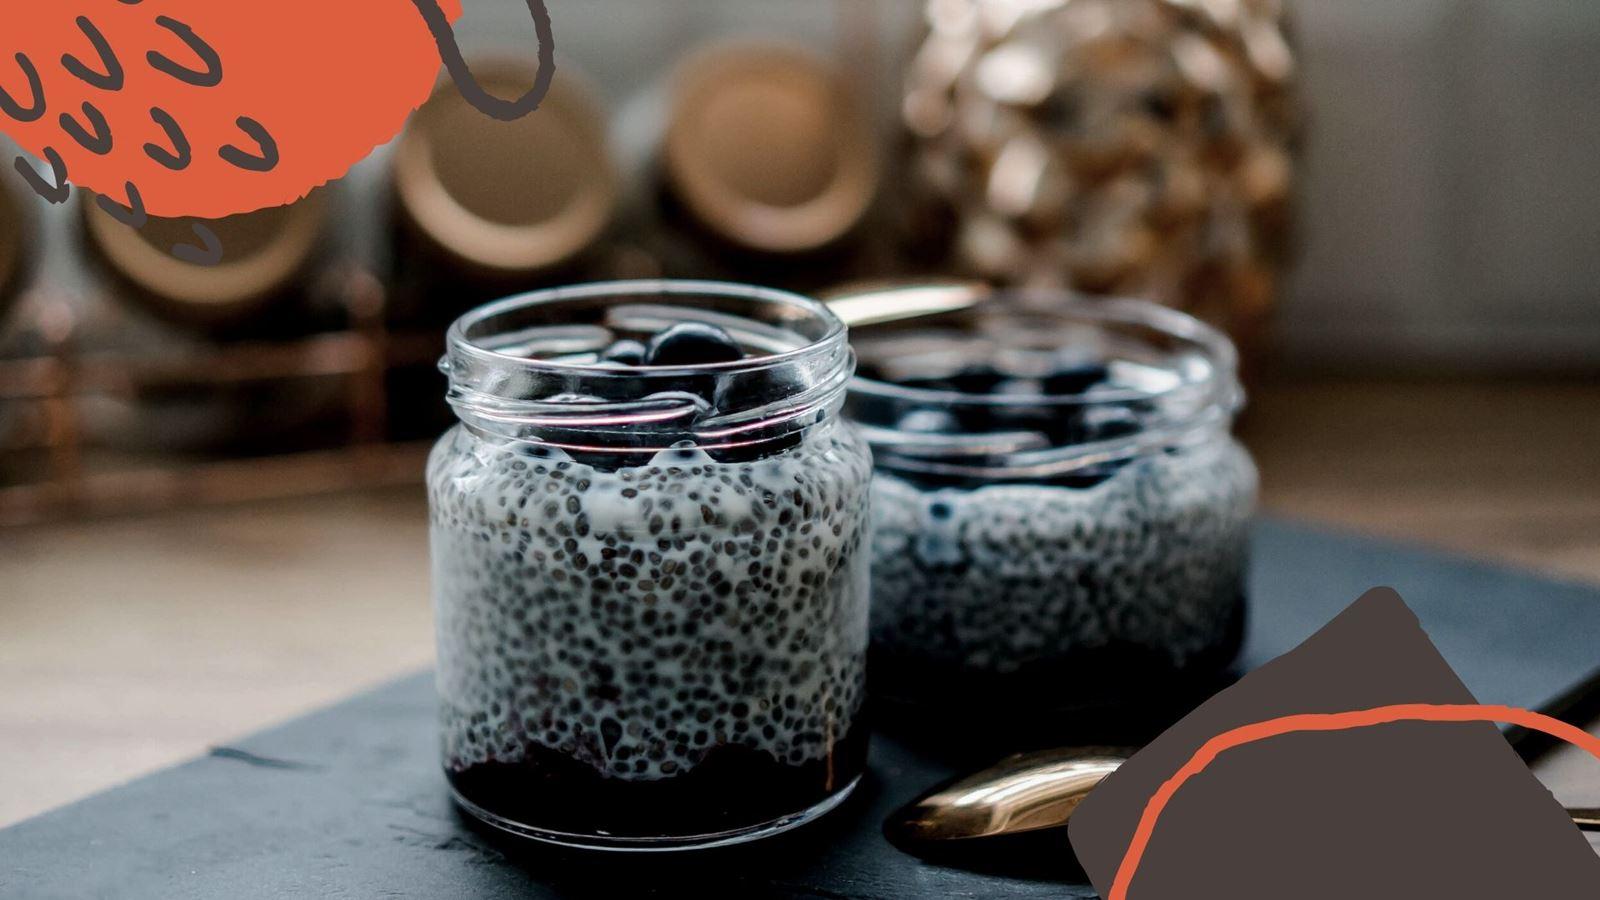 12 jak zrobić zdrowy i szybki deser z nasionami chia pudding chia przepis jak przygotować z truskawkami, pomysł na łatwy deser na sniadanie how make easy health pudding chia receipes